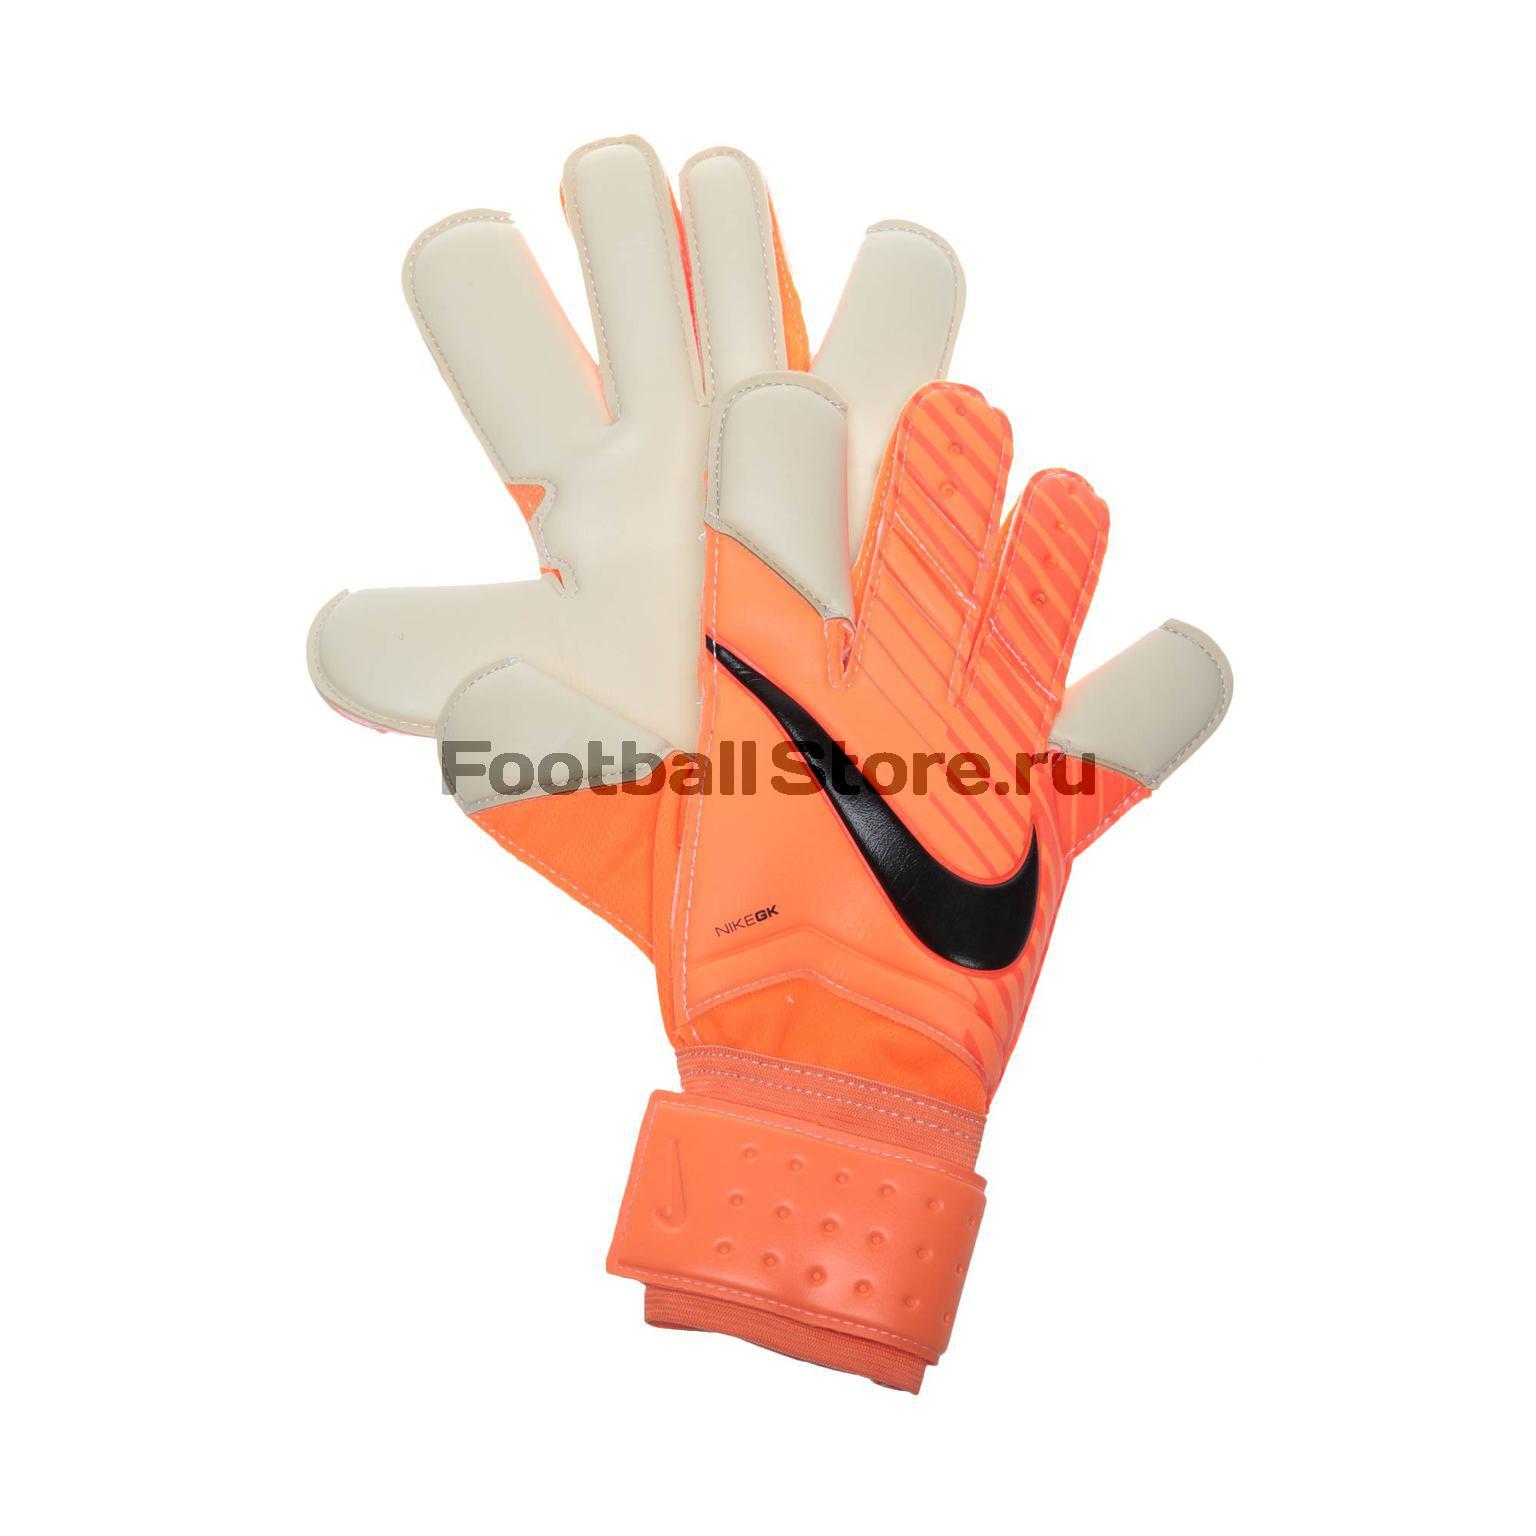 43751a18 Перчатки вратарские Nike GK Grip 3 GS0342-803 - купить в интернет ...